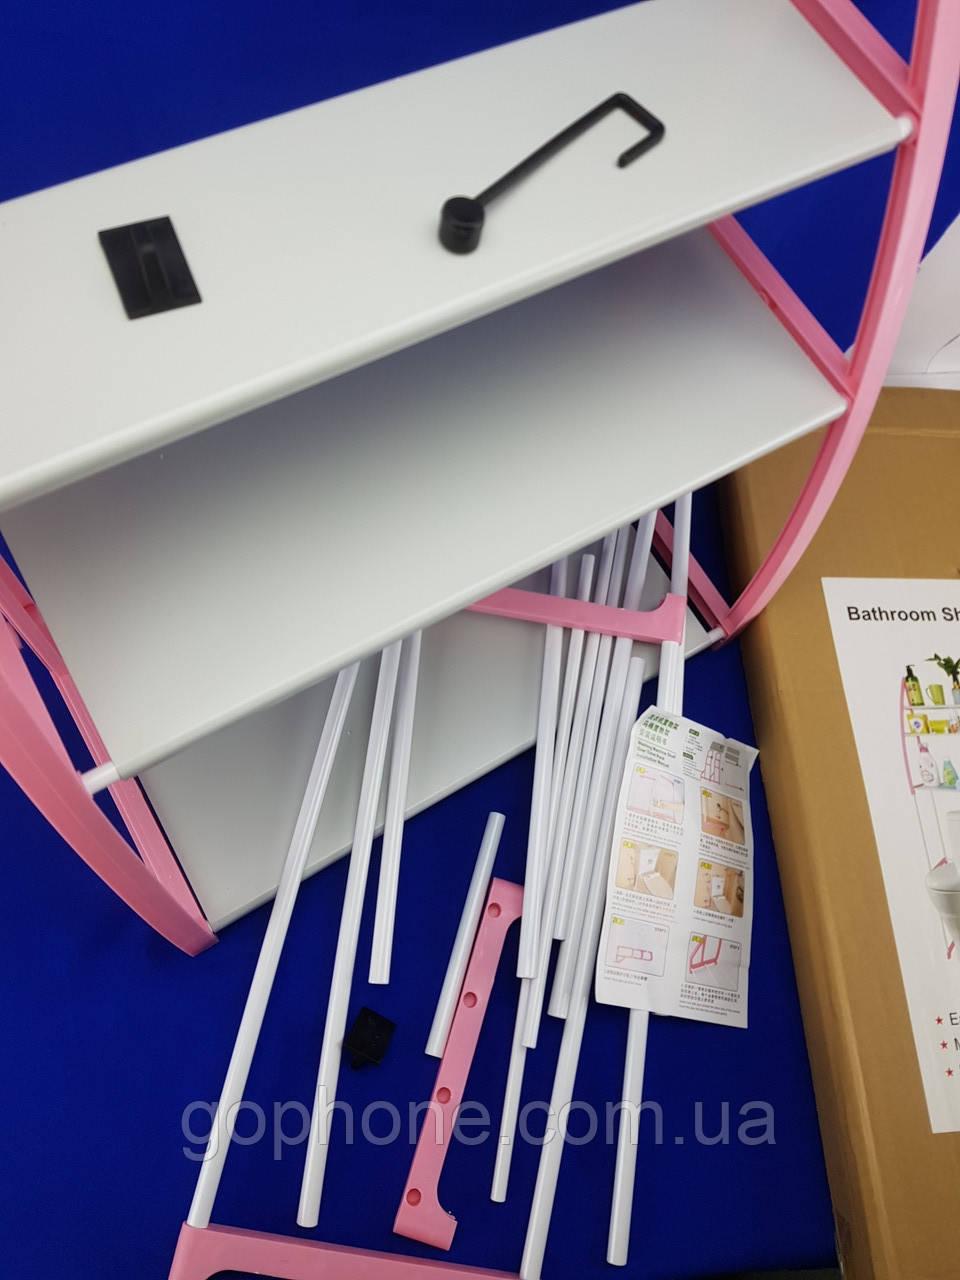 Полка-стеллаж напольный над унитазом (розовая) Washing Machine Storage Rack